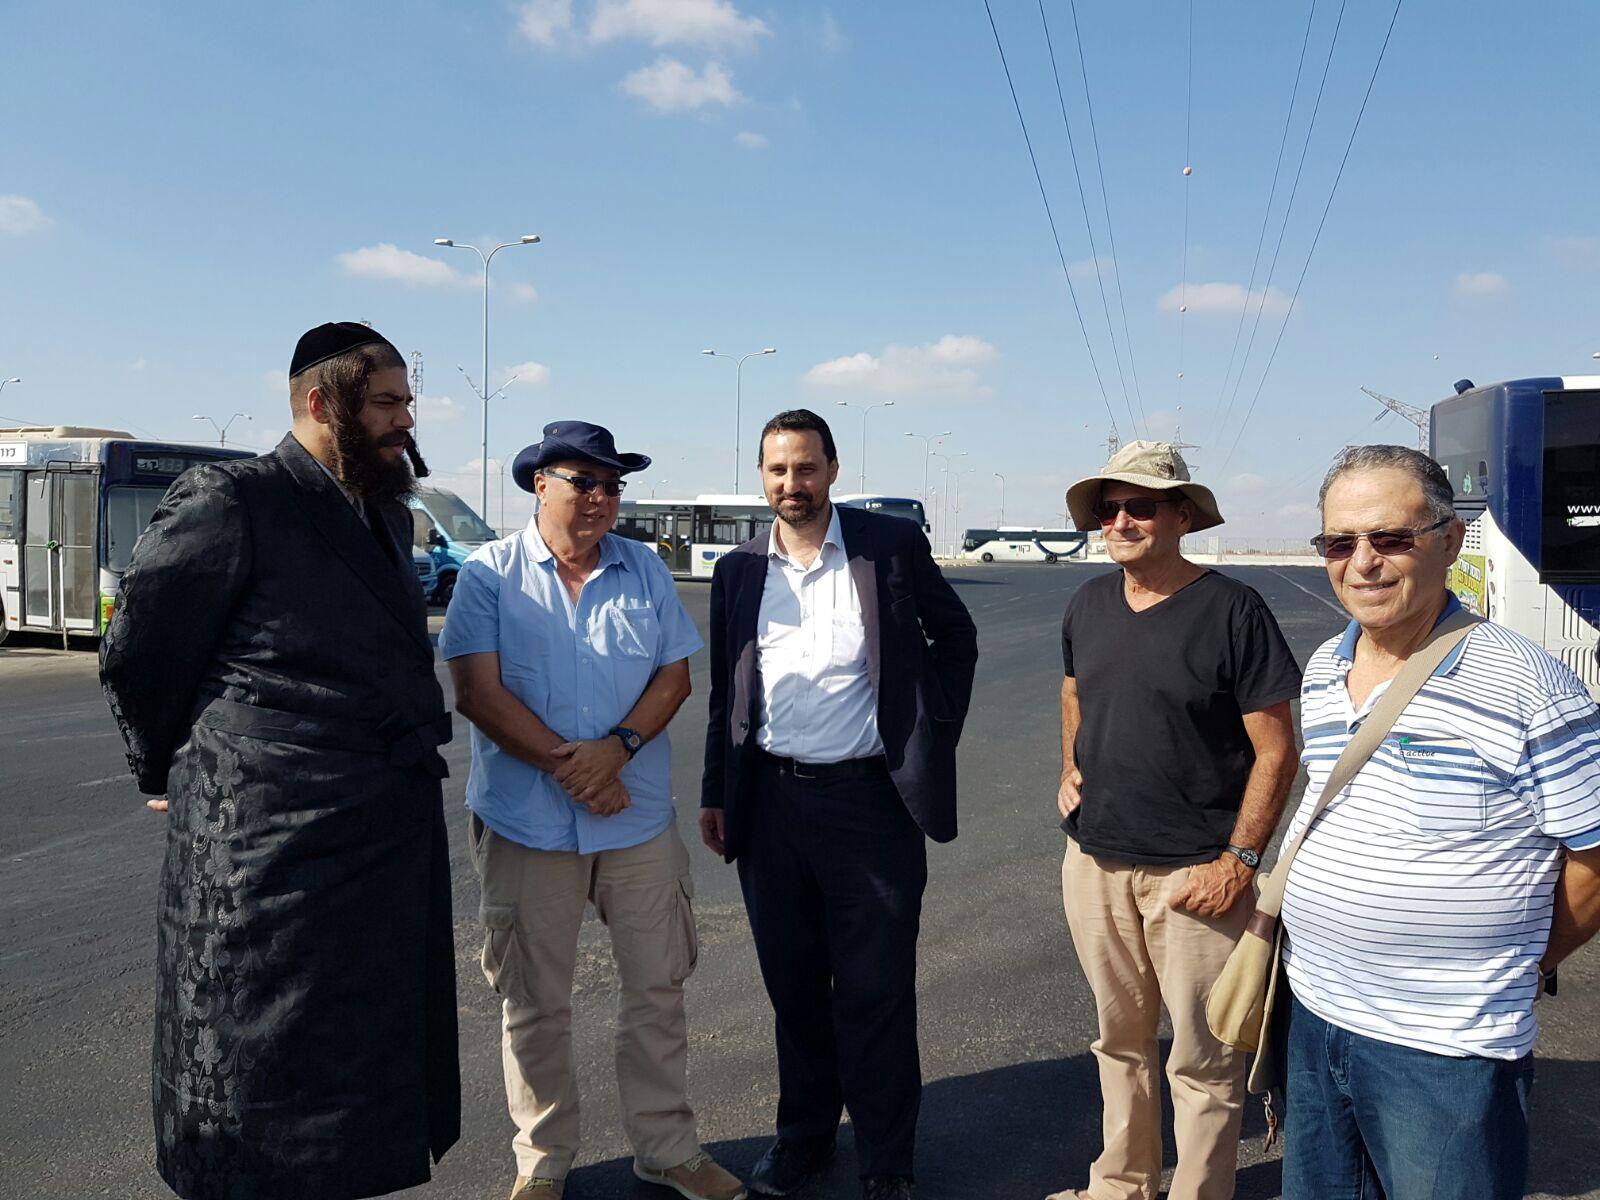 בבגדי שבת בדרך לבר המצוה: ראש העיר סייר עם המומחים